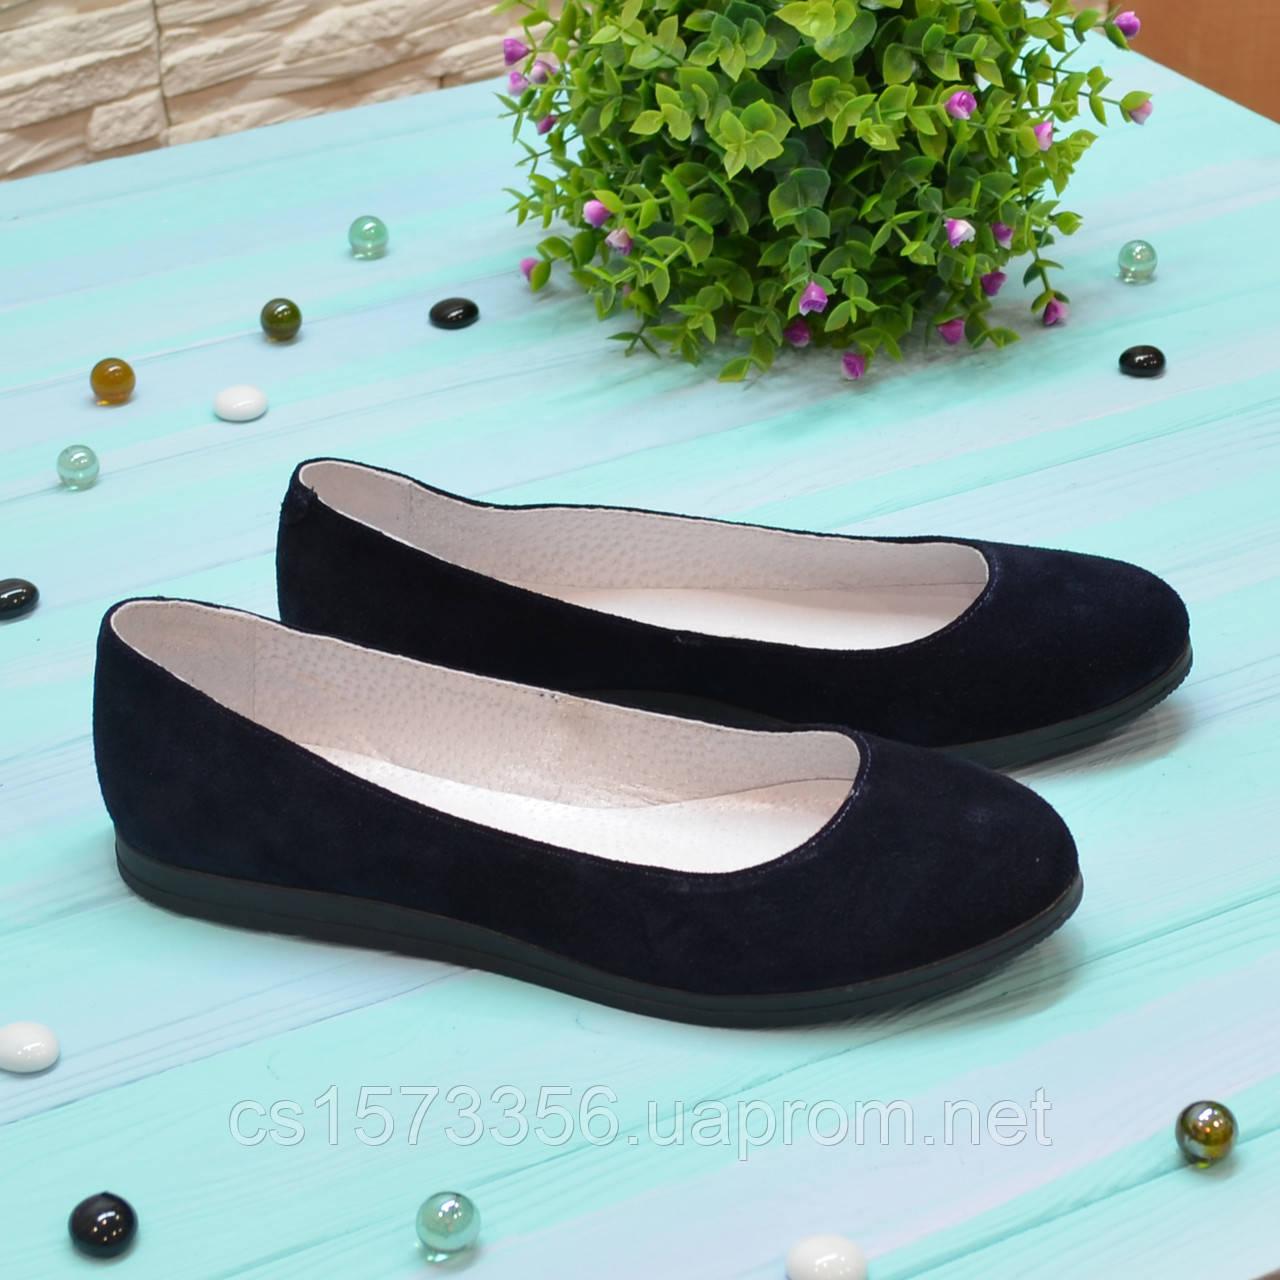 Туфли женские замшевые на низком ходу, цвет синий